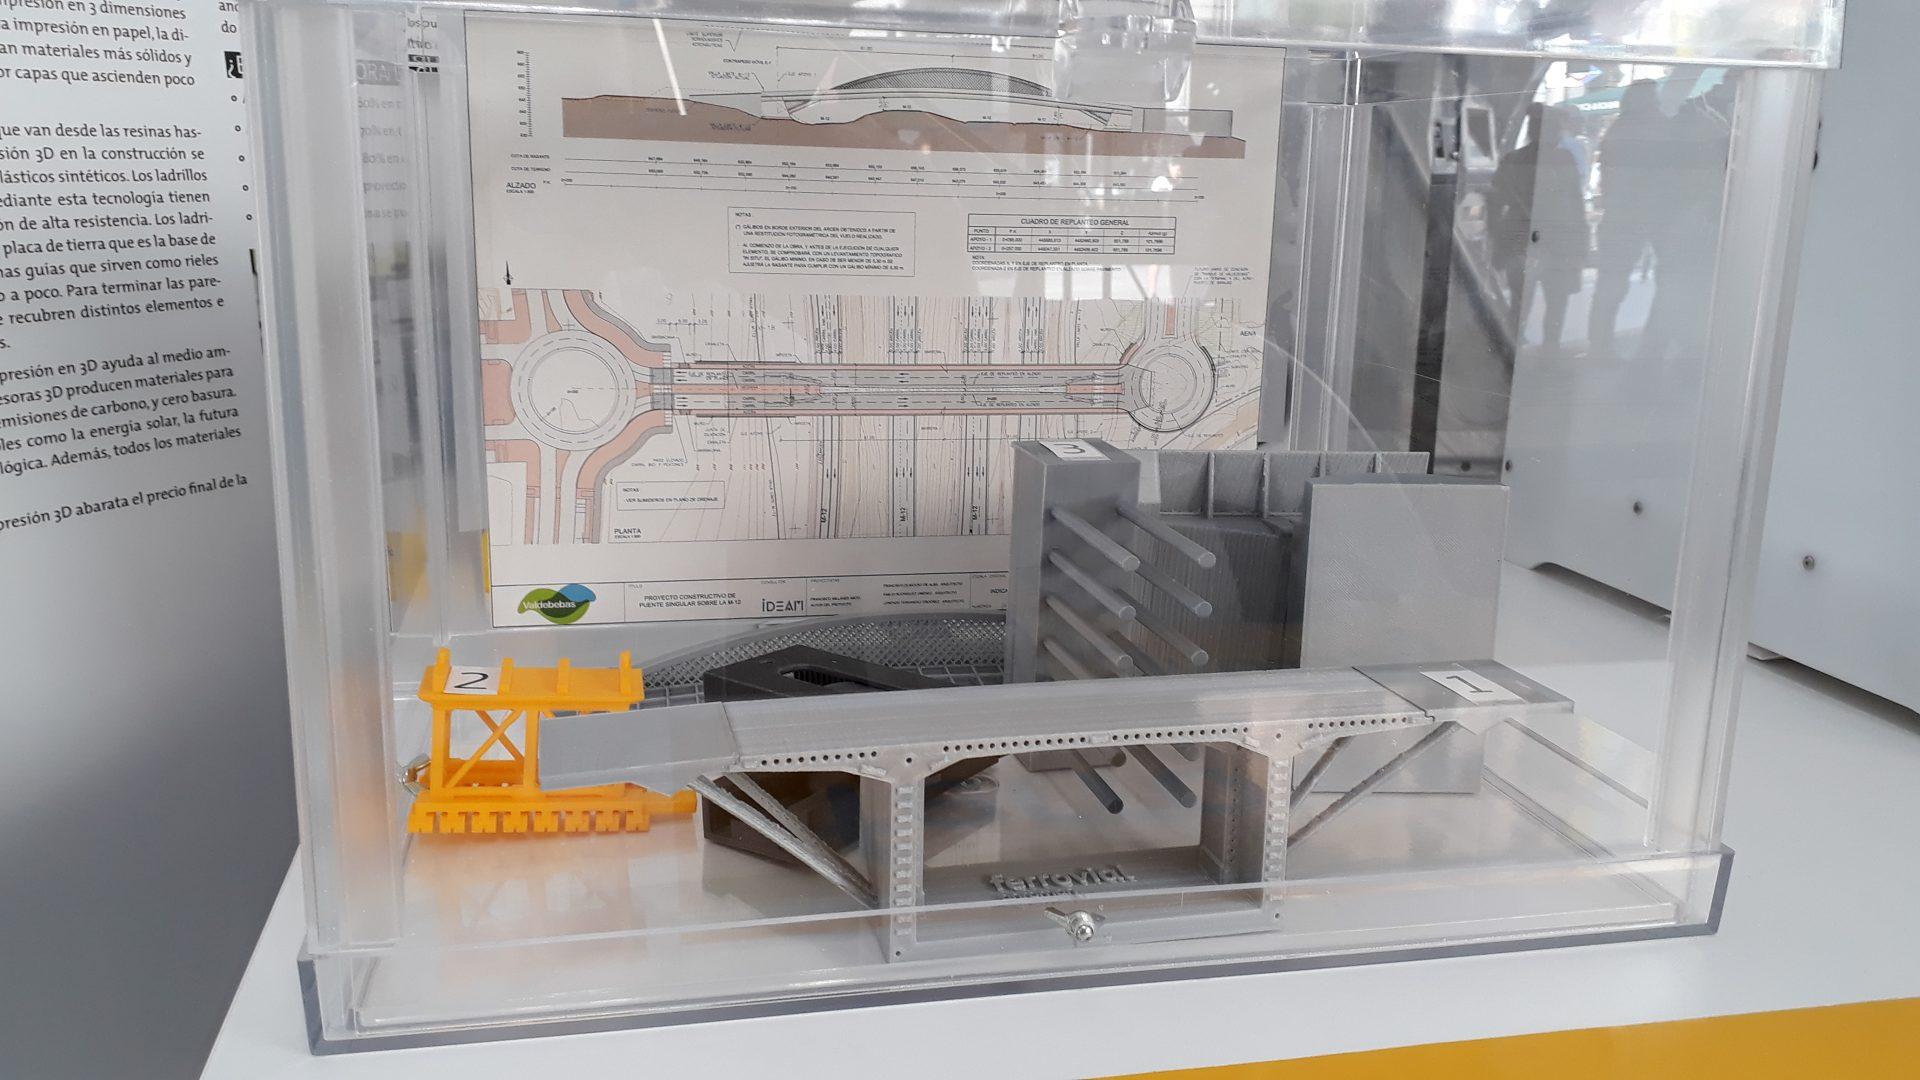 Imagen de los prototipos mostrados en la V semana de la ingeniería